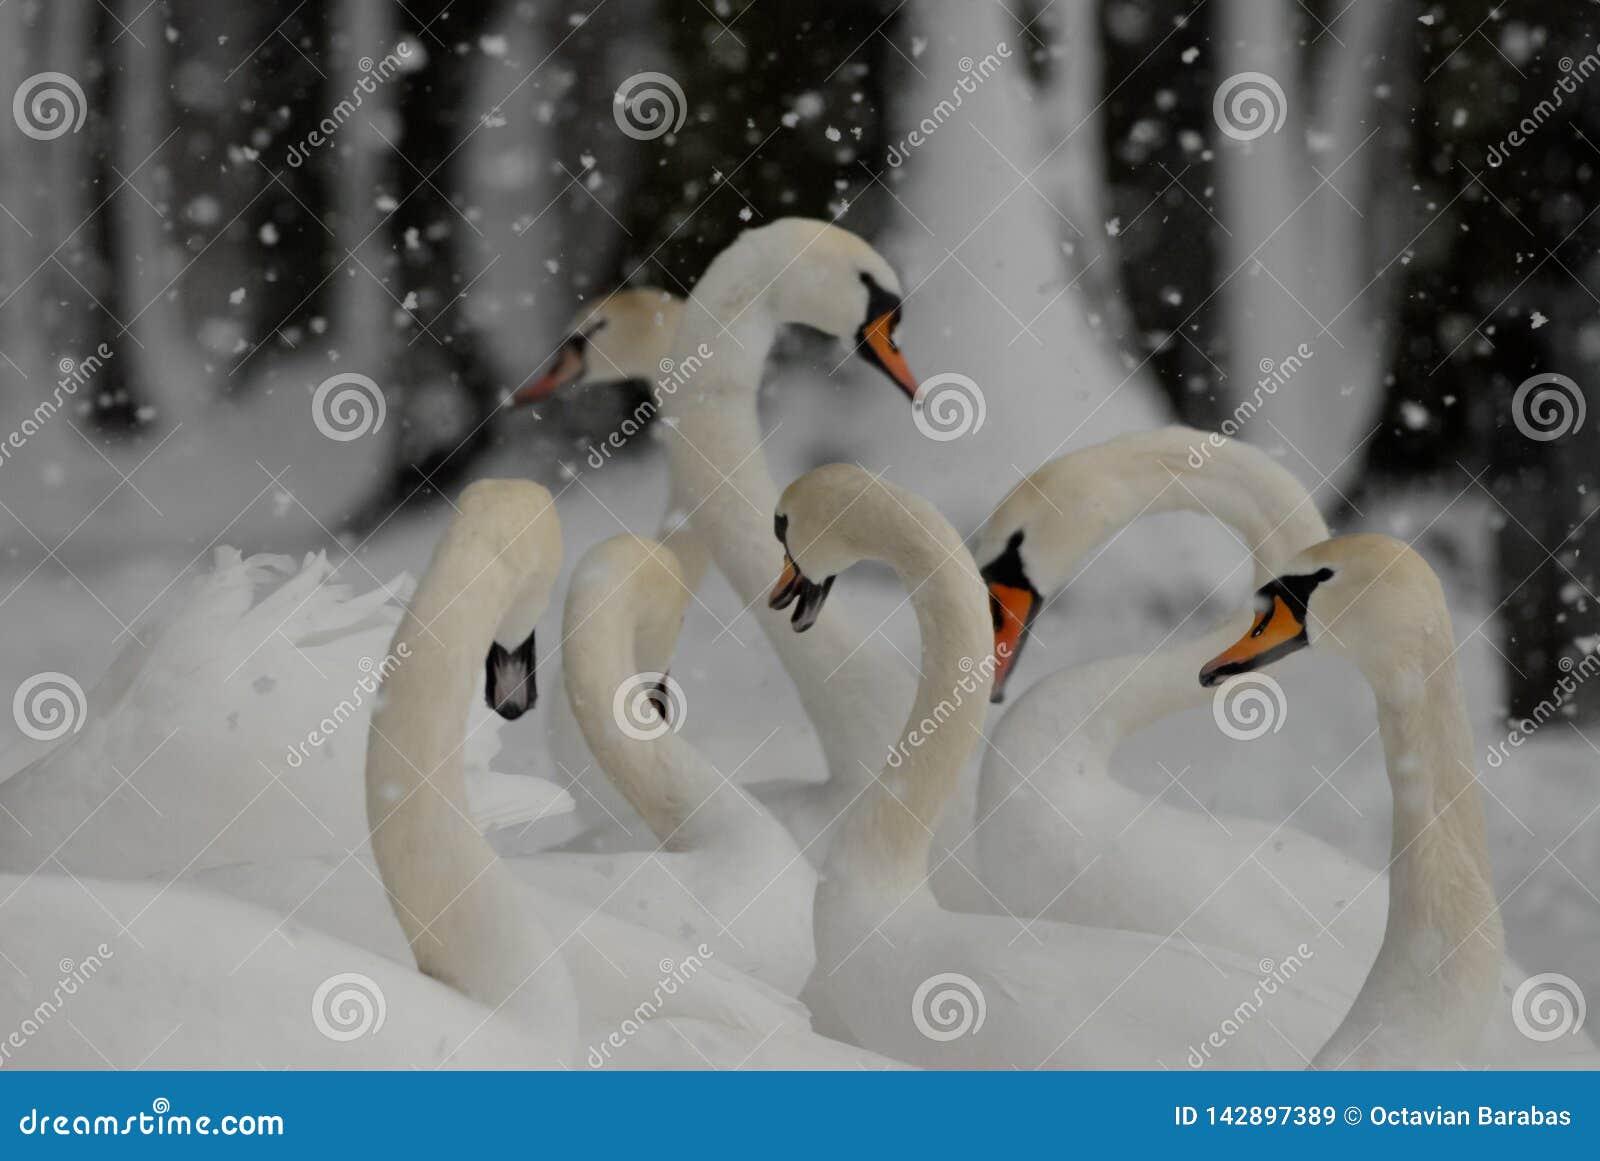 Κύκνοι στο χιόνι το χειμώνα χιονίζοντας